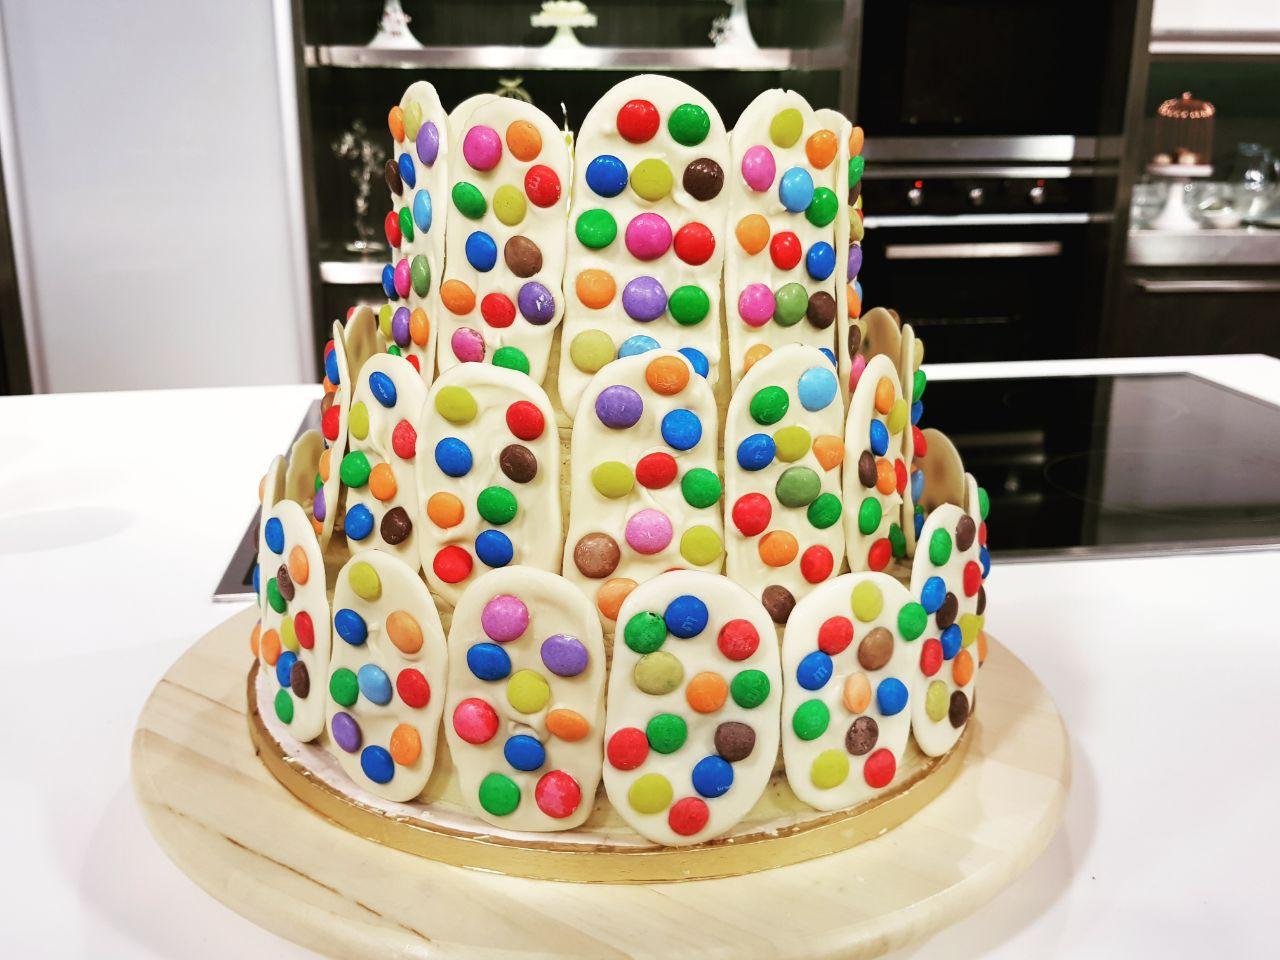 صورة طريقة عمل تورتة عيد الميلاد للاطفال , اصنعى السعاده لطفلك س